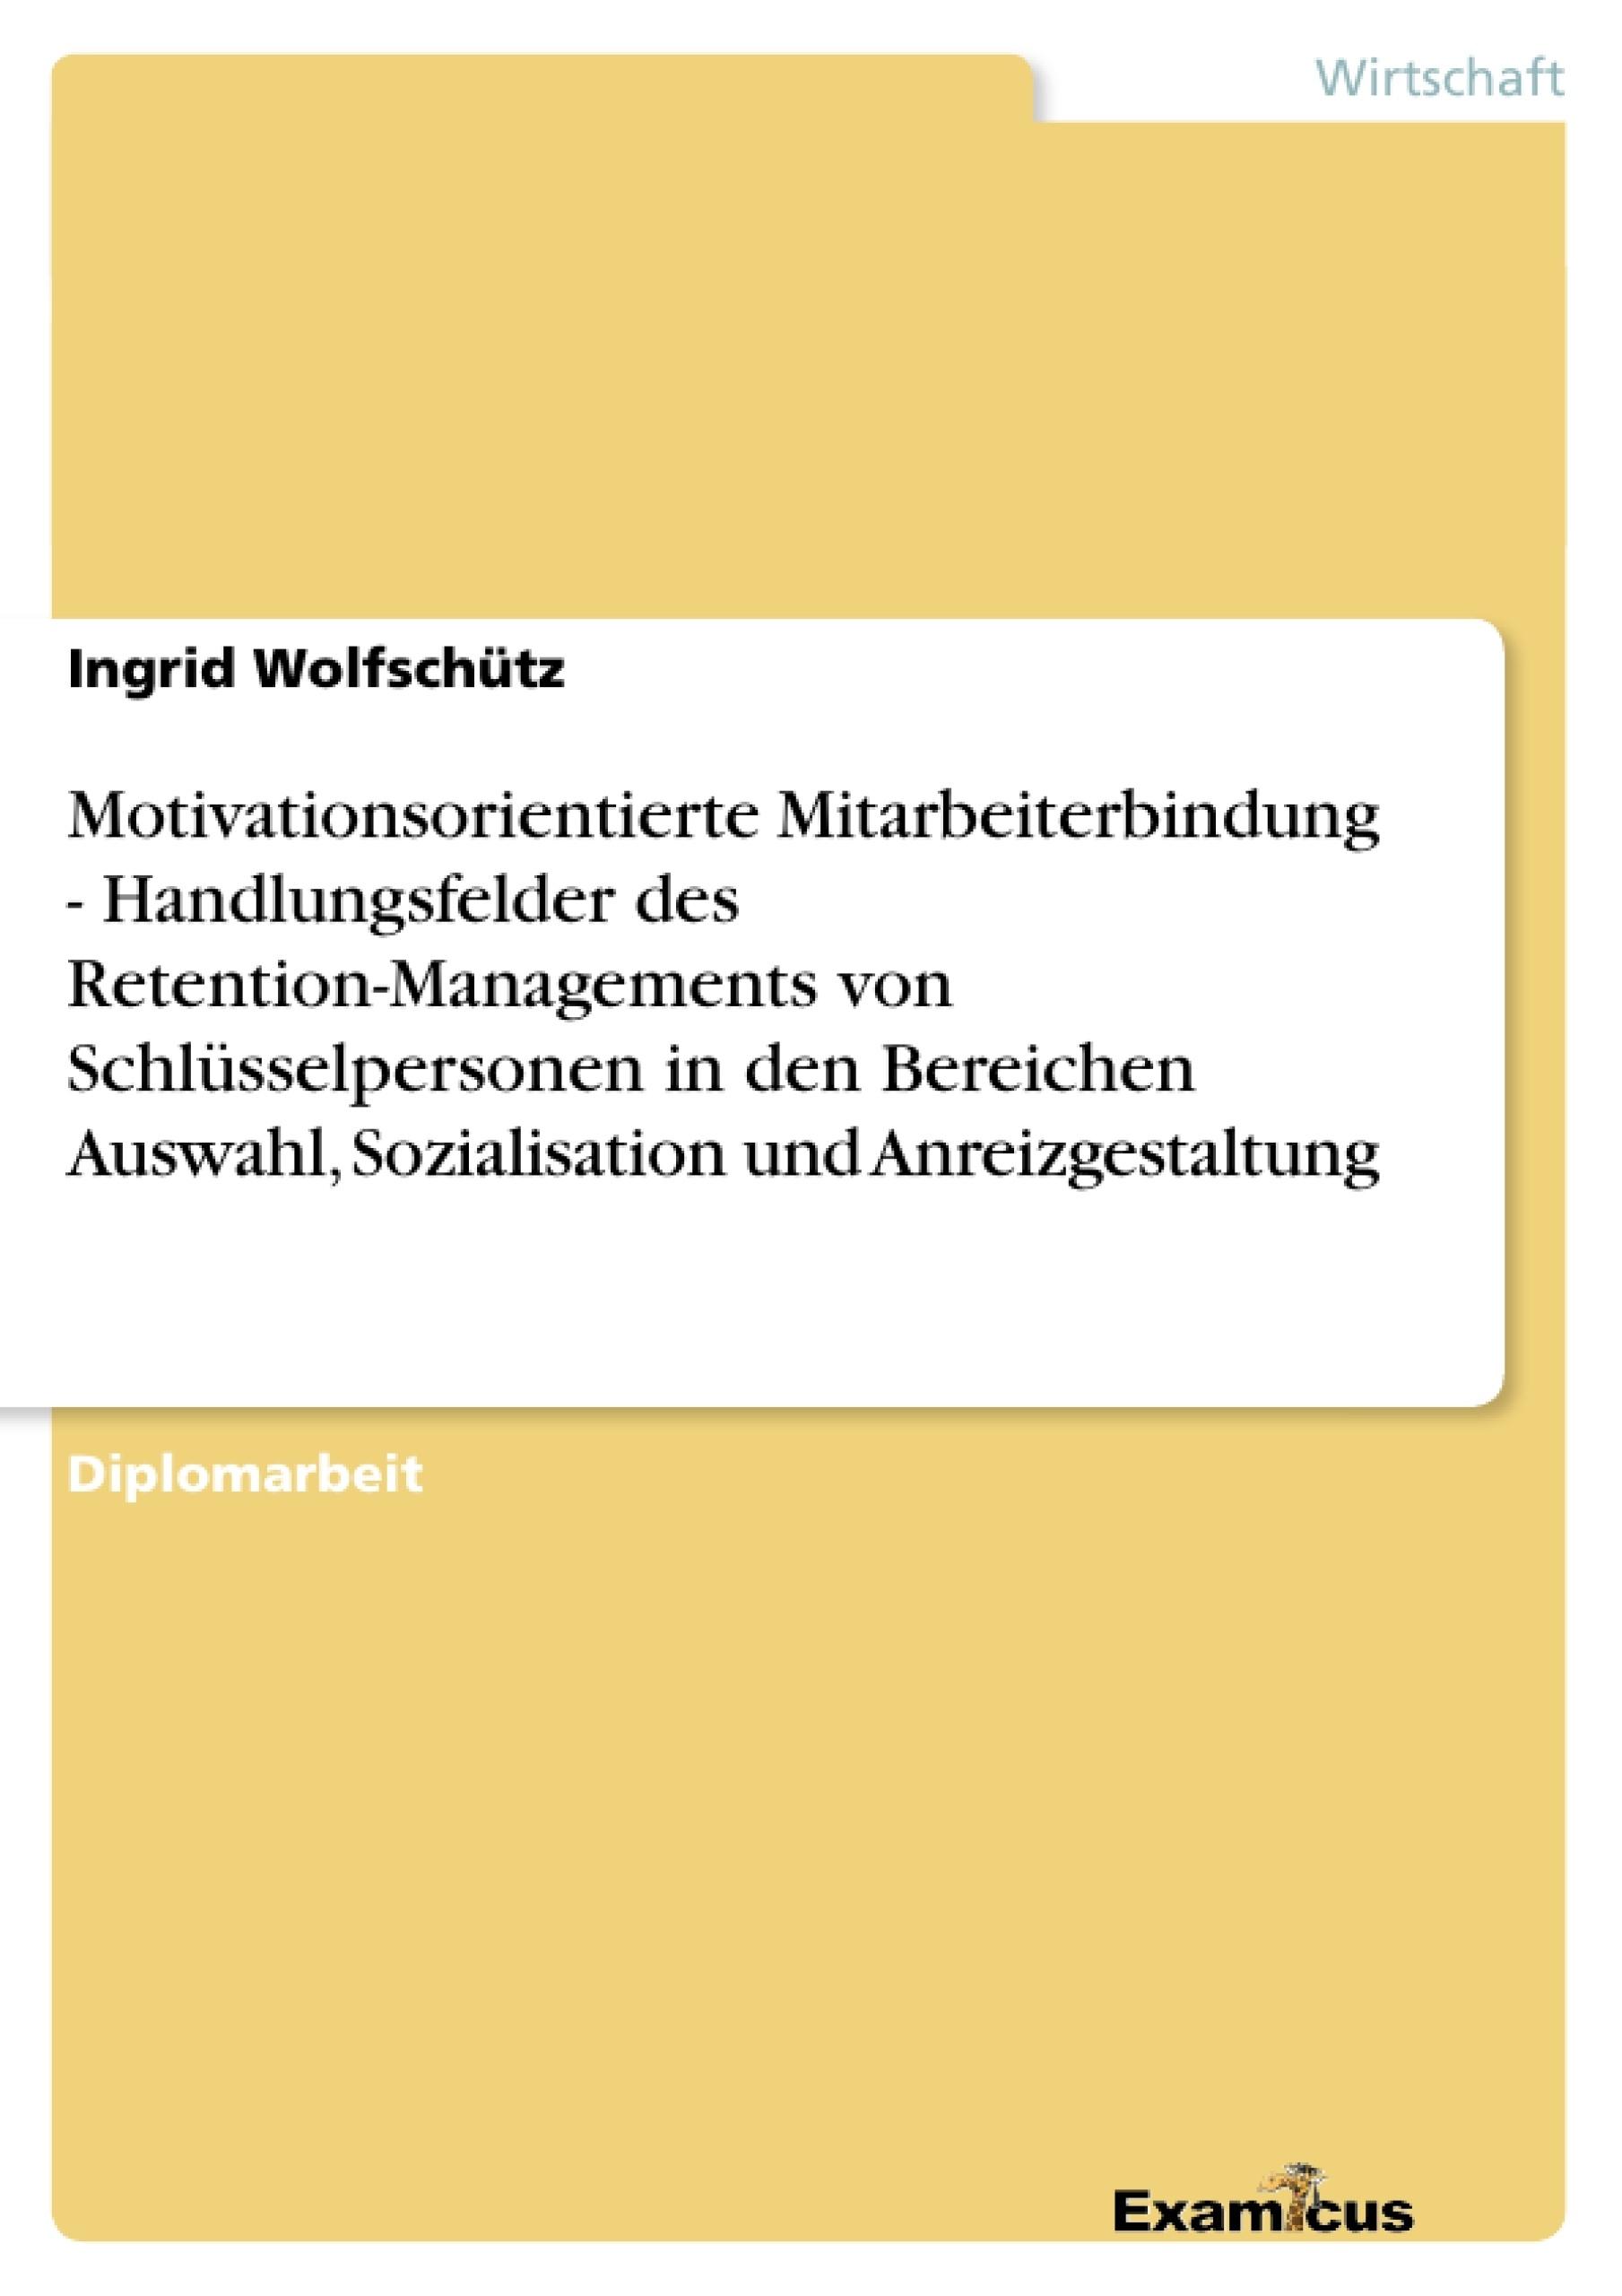 Titel: Motivationsorientierte Mitarbeiterbindung - Handlungsfelder des Retention-Managements von Schlüsselpersonen in den Bereichen Auswahl, Sozialisation und Anreizgestaltung